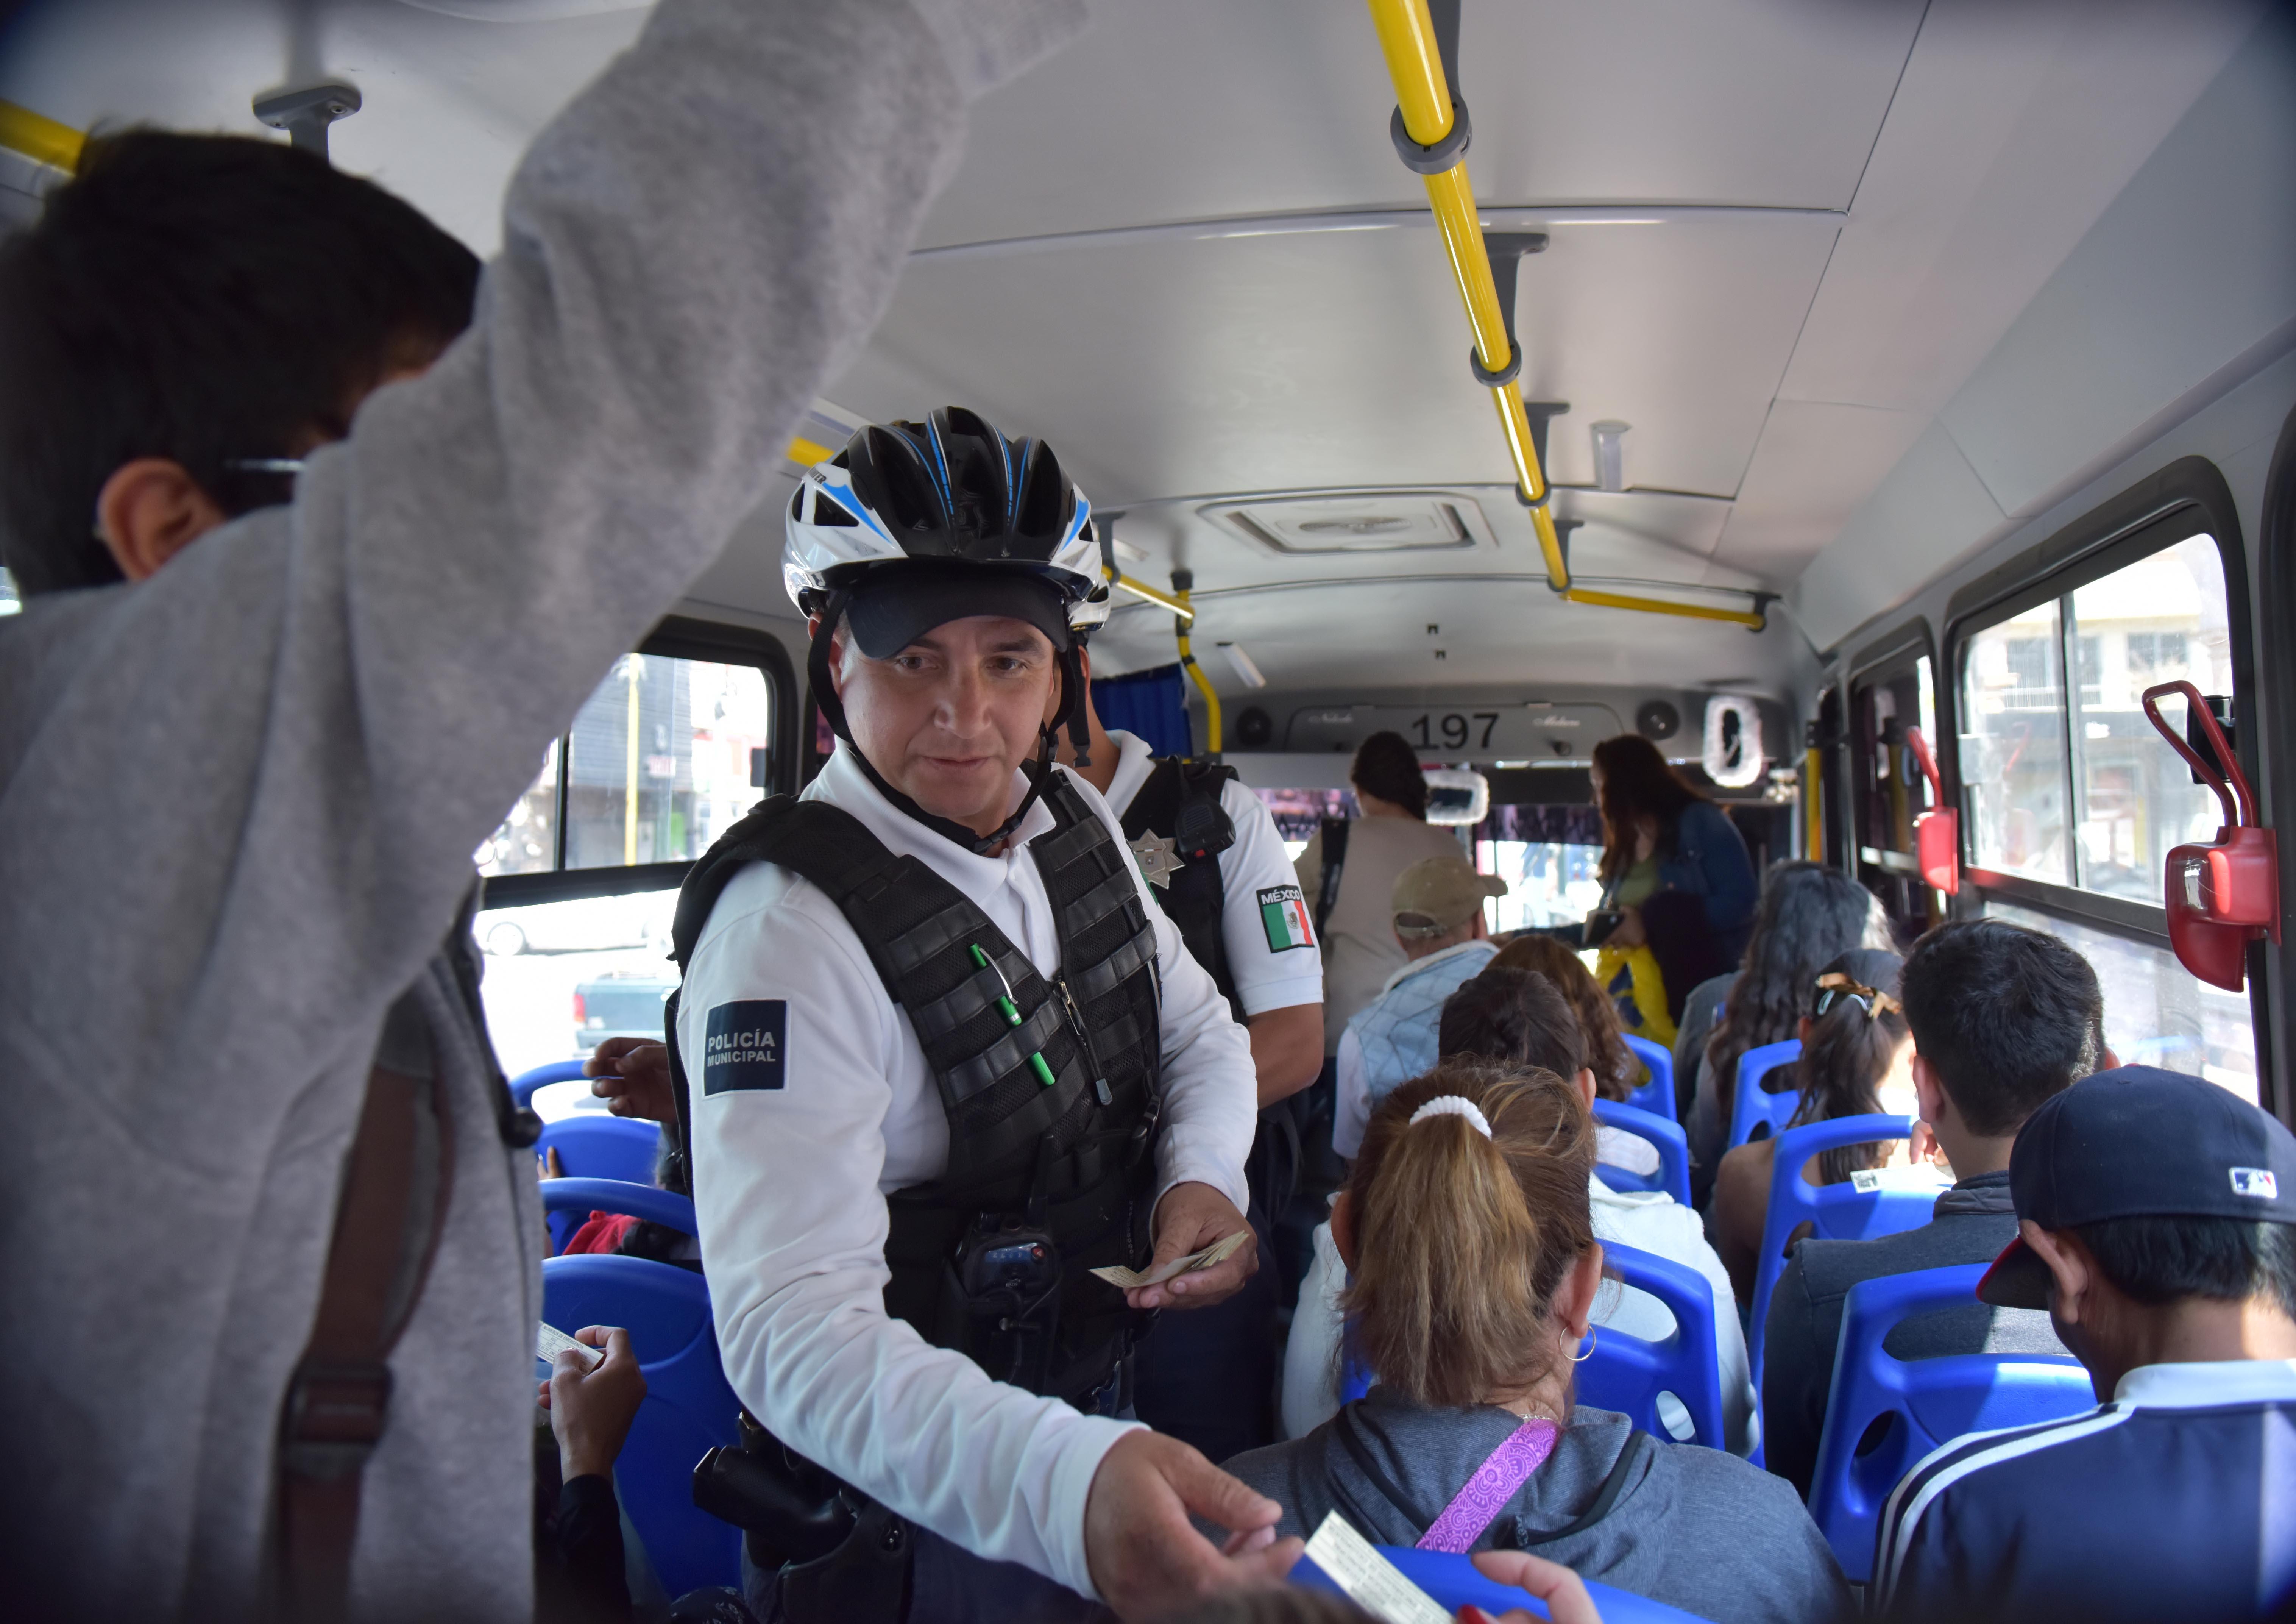 Continúa operativo de seguridad en camiones, taxis y combis